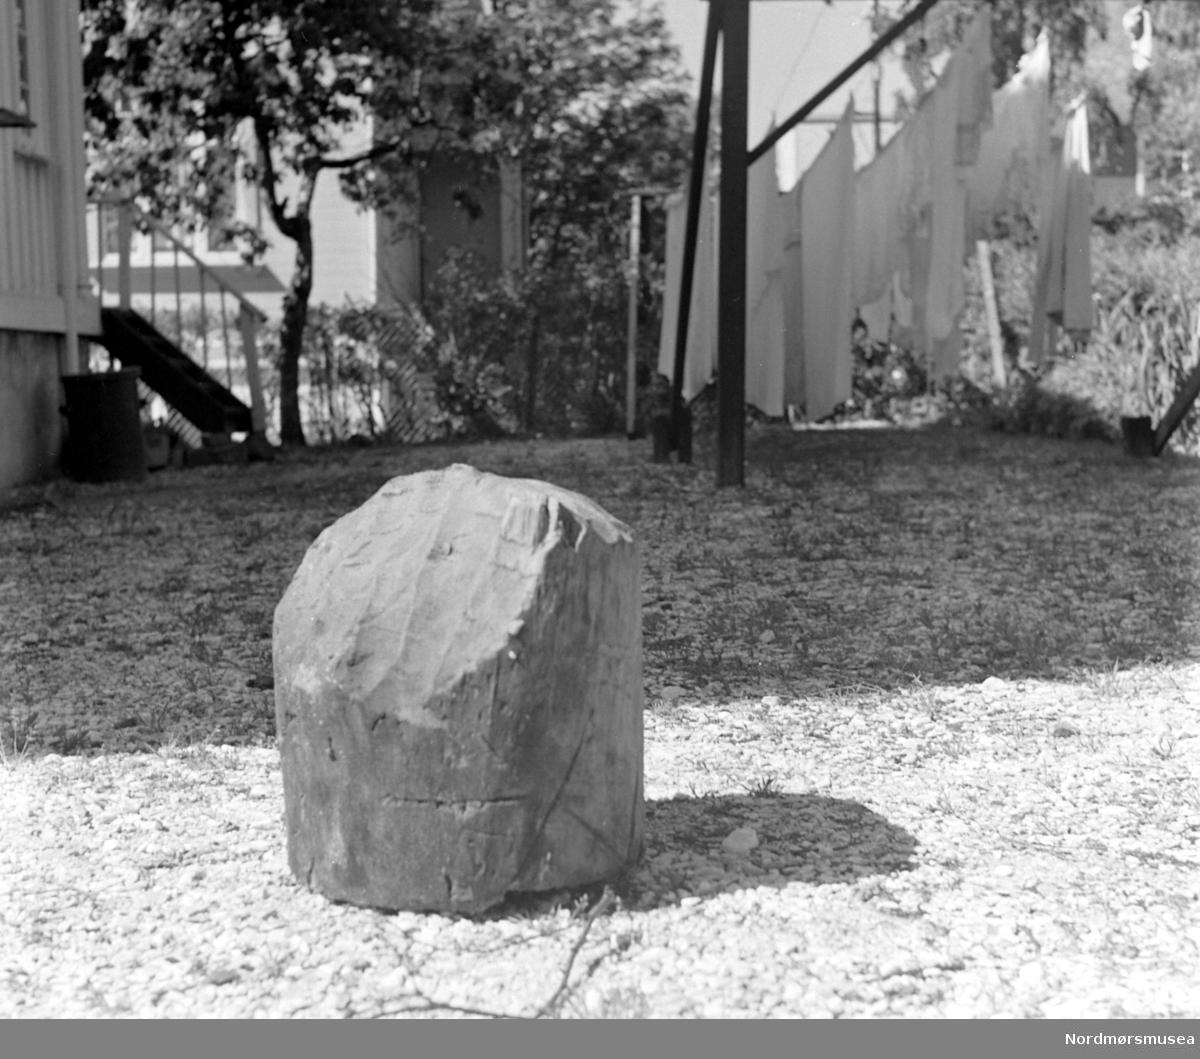 Furustokk på Stokke i Gjemnes kommune. Funnet av Gunnar M. Stokke i ei torvmyr under svart brenntorv, med tydelige spor etter bruk av steinøks. Mulig del av kavl-bru. Brua kan ha gitt navn til stedet? Informant: Gunn Stokke 2016. Bildet er datert juni 1959, og fotograf er Olaf Yderstad. Se serie KMb-1959-000.1836 til KMb-1959-000.1839. Fra Nordmøre Museums fotosamlinger.